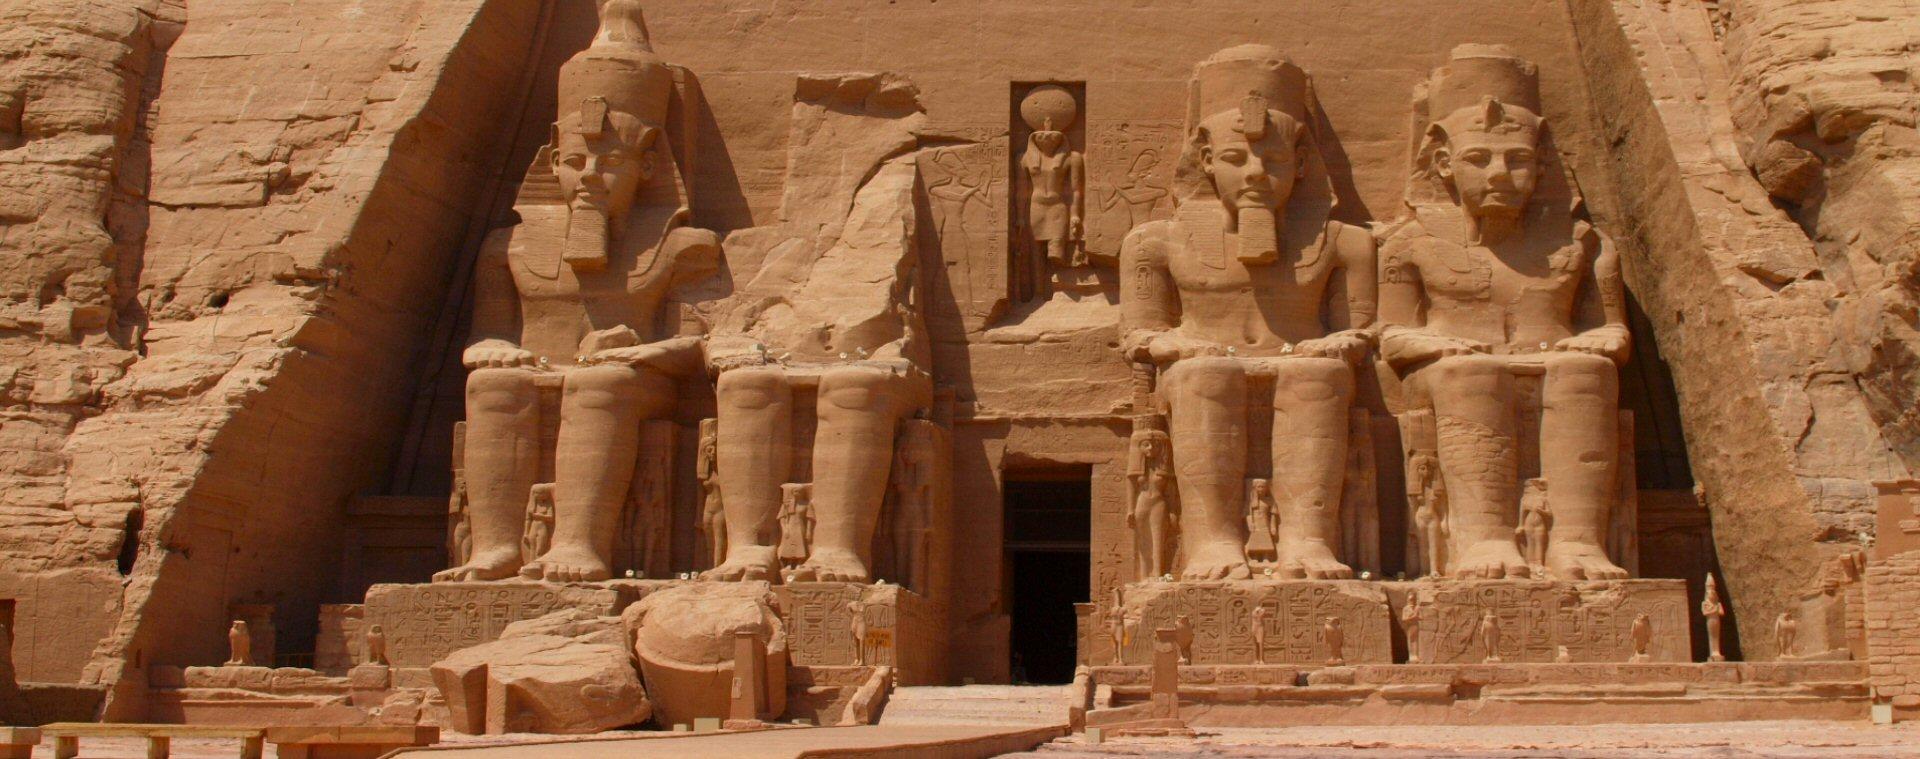 52-civiltà_egizia_slid2